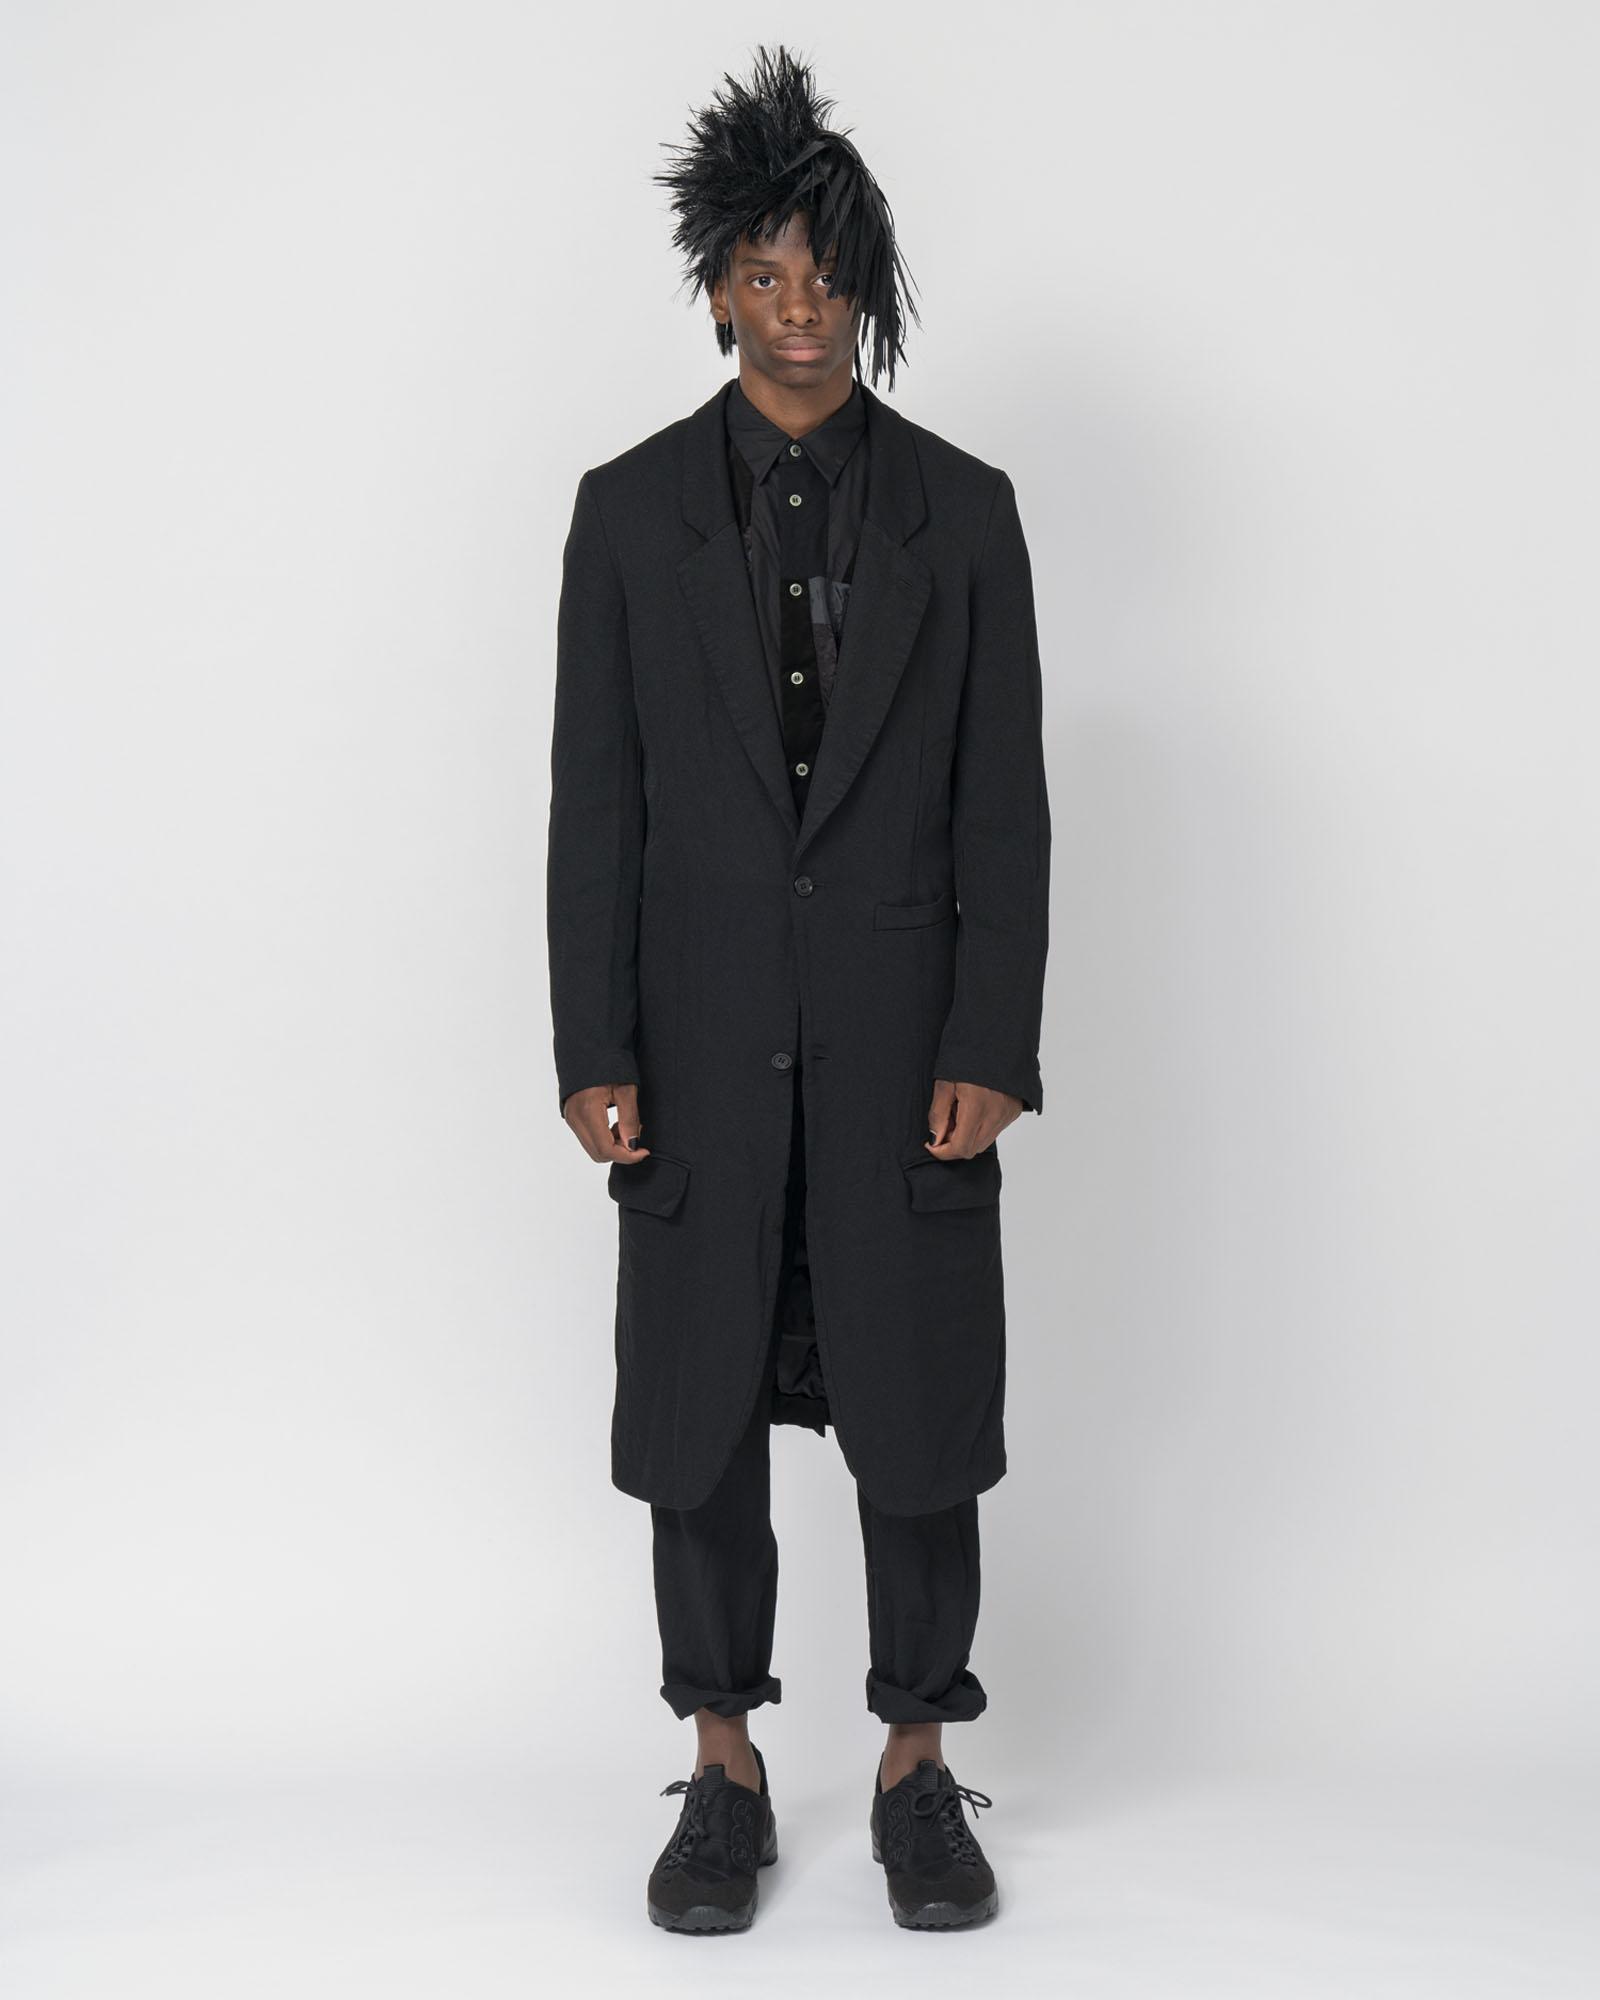 Black Comme des Garçons - shot 23